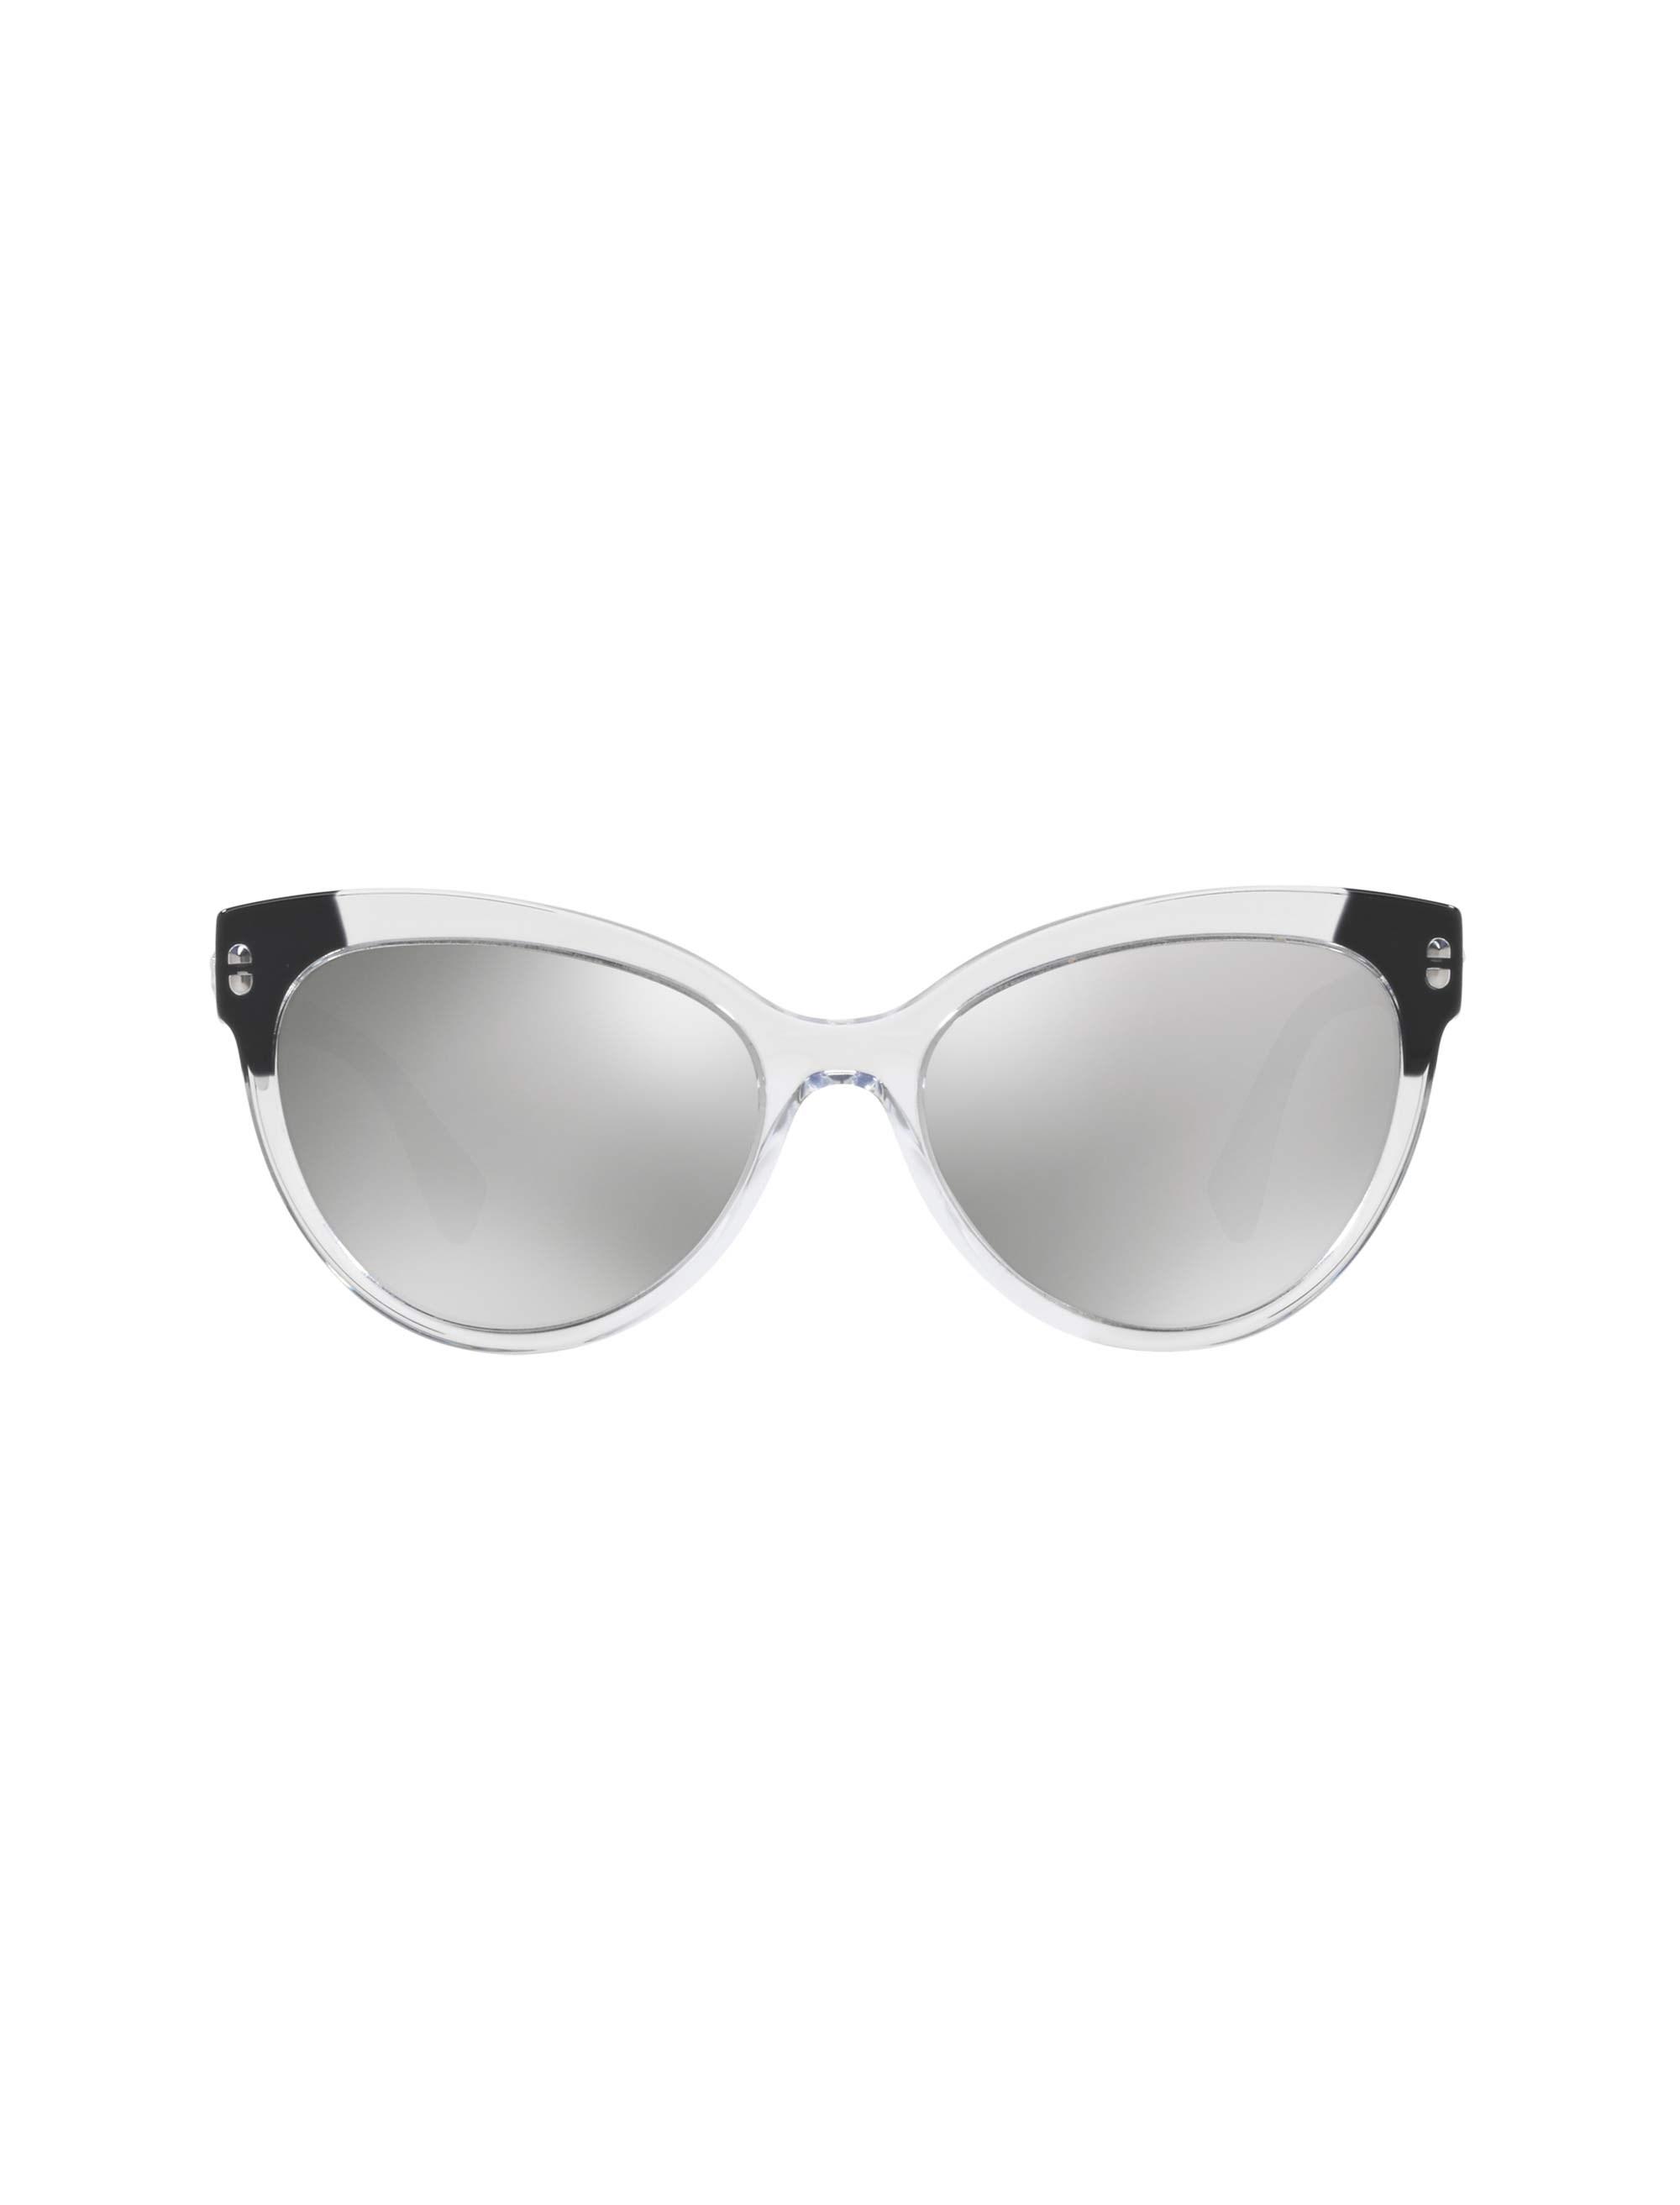 قیمت عینک آفتابی گربه ای زنانه - ورساچه